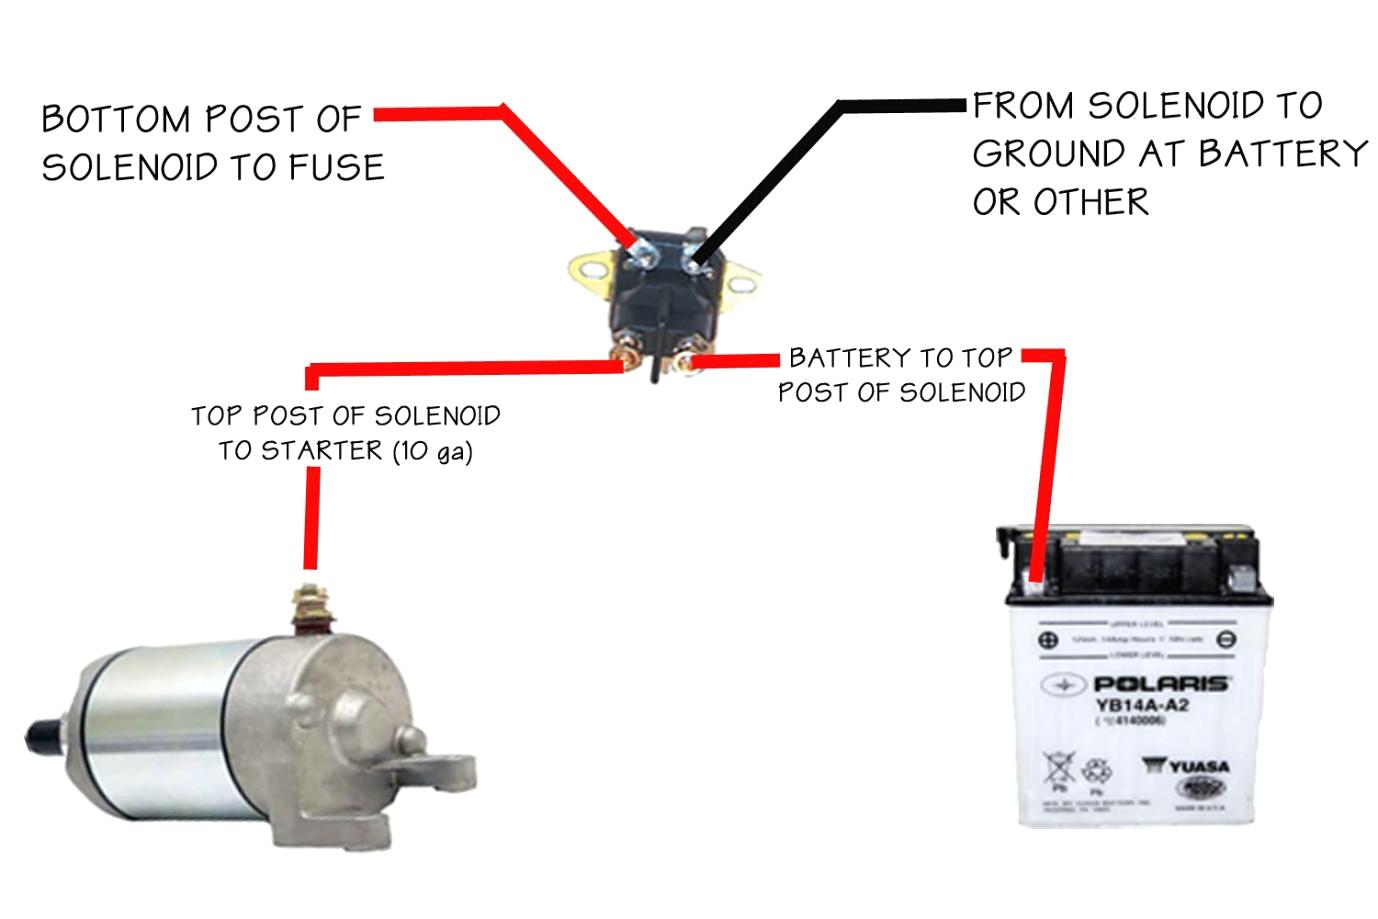 4 Terminal Starter Solenoid Wiring Diagram | Manual E-Books - 4 Pole Starter Solenoid Wiring Diagram